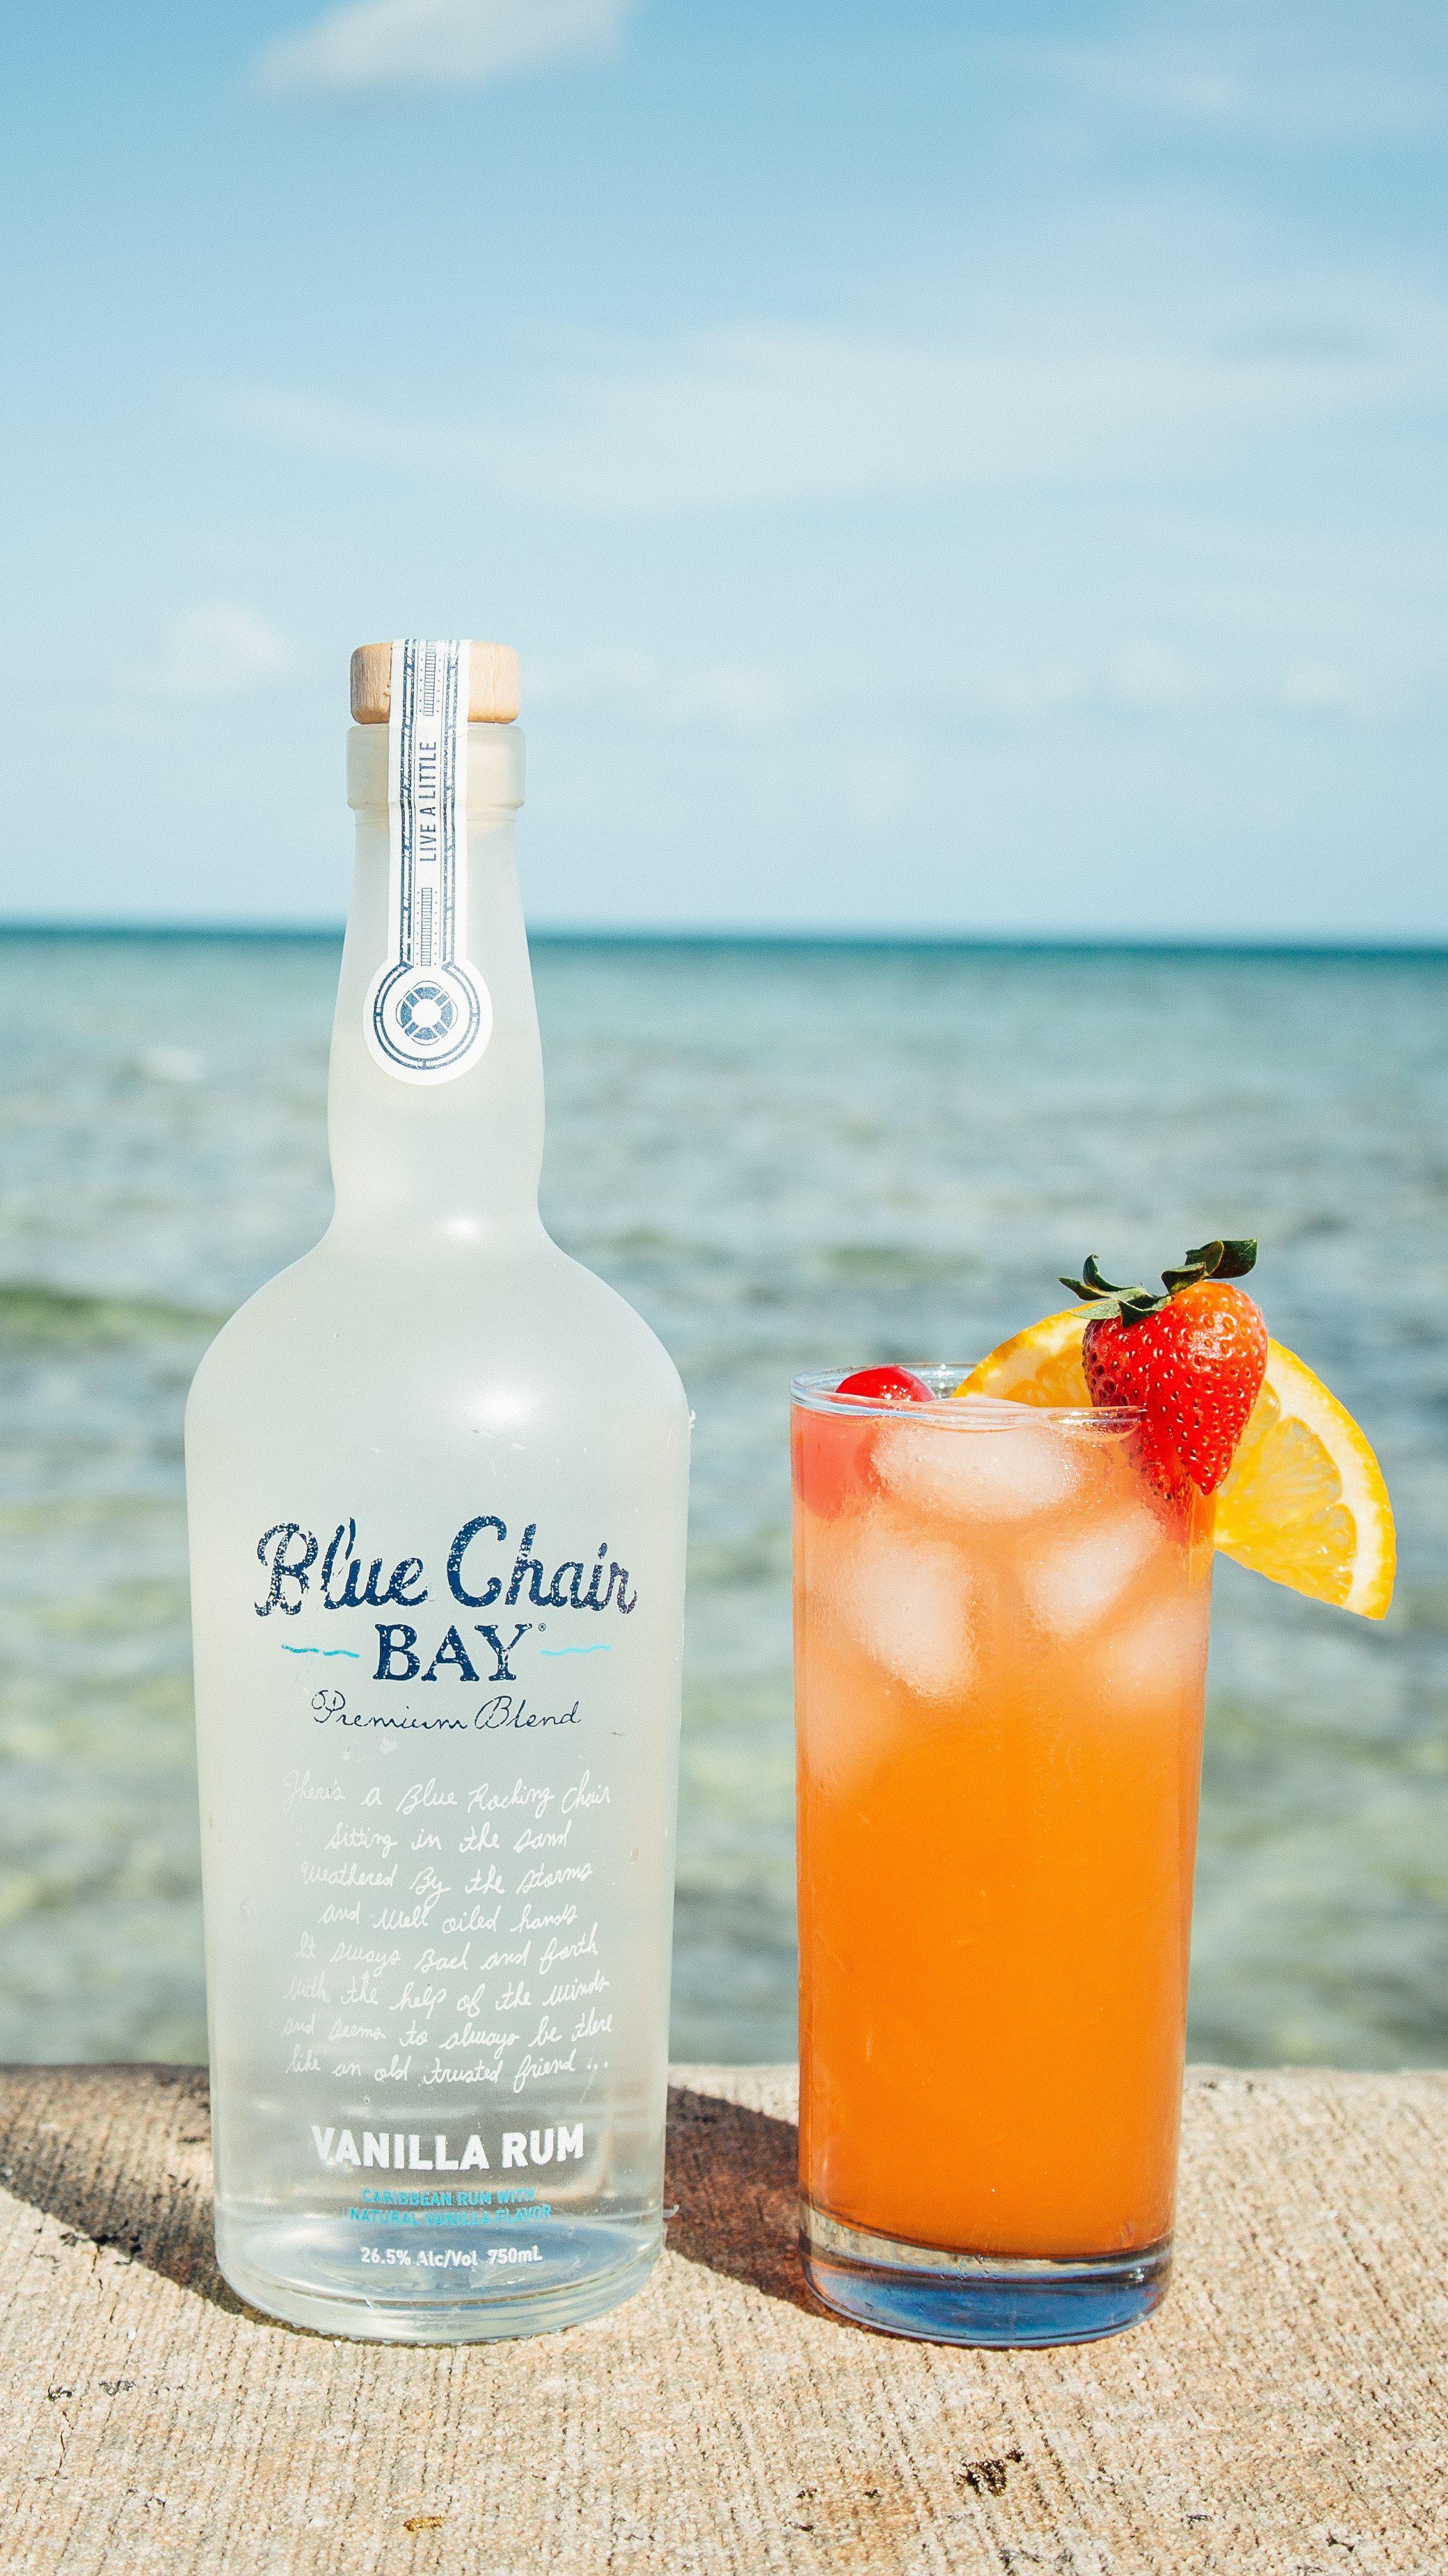 BEACH CHAIR COCKTAIL 2 oz Blue Chair Bay Vanilla Rum 2 oz